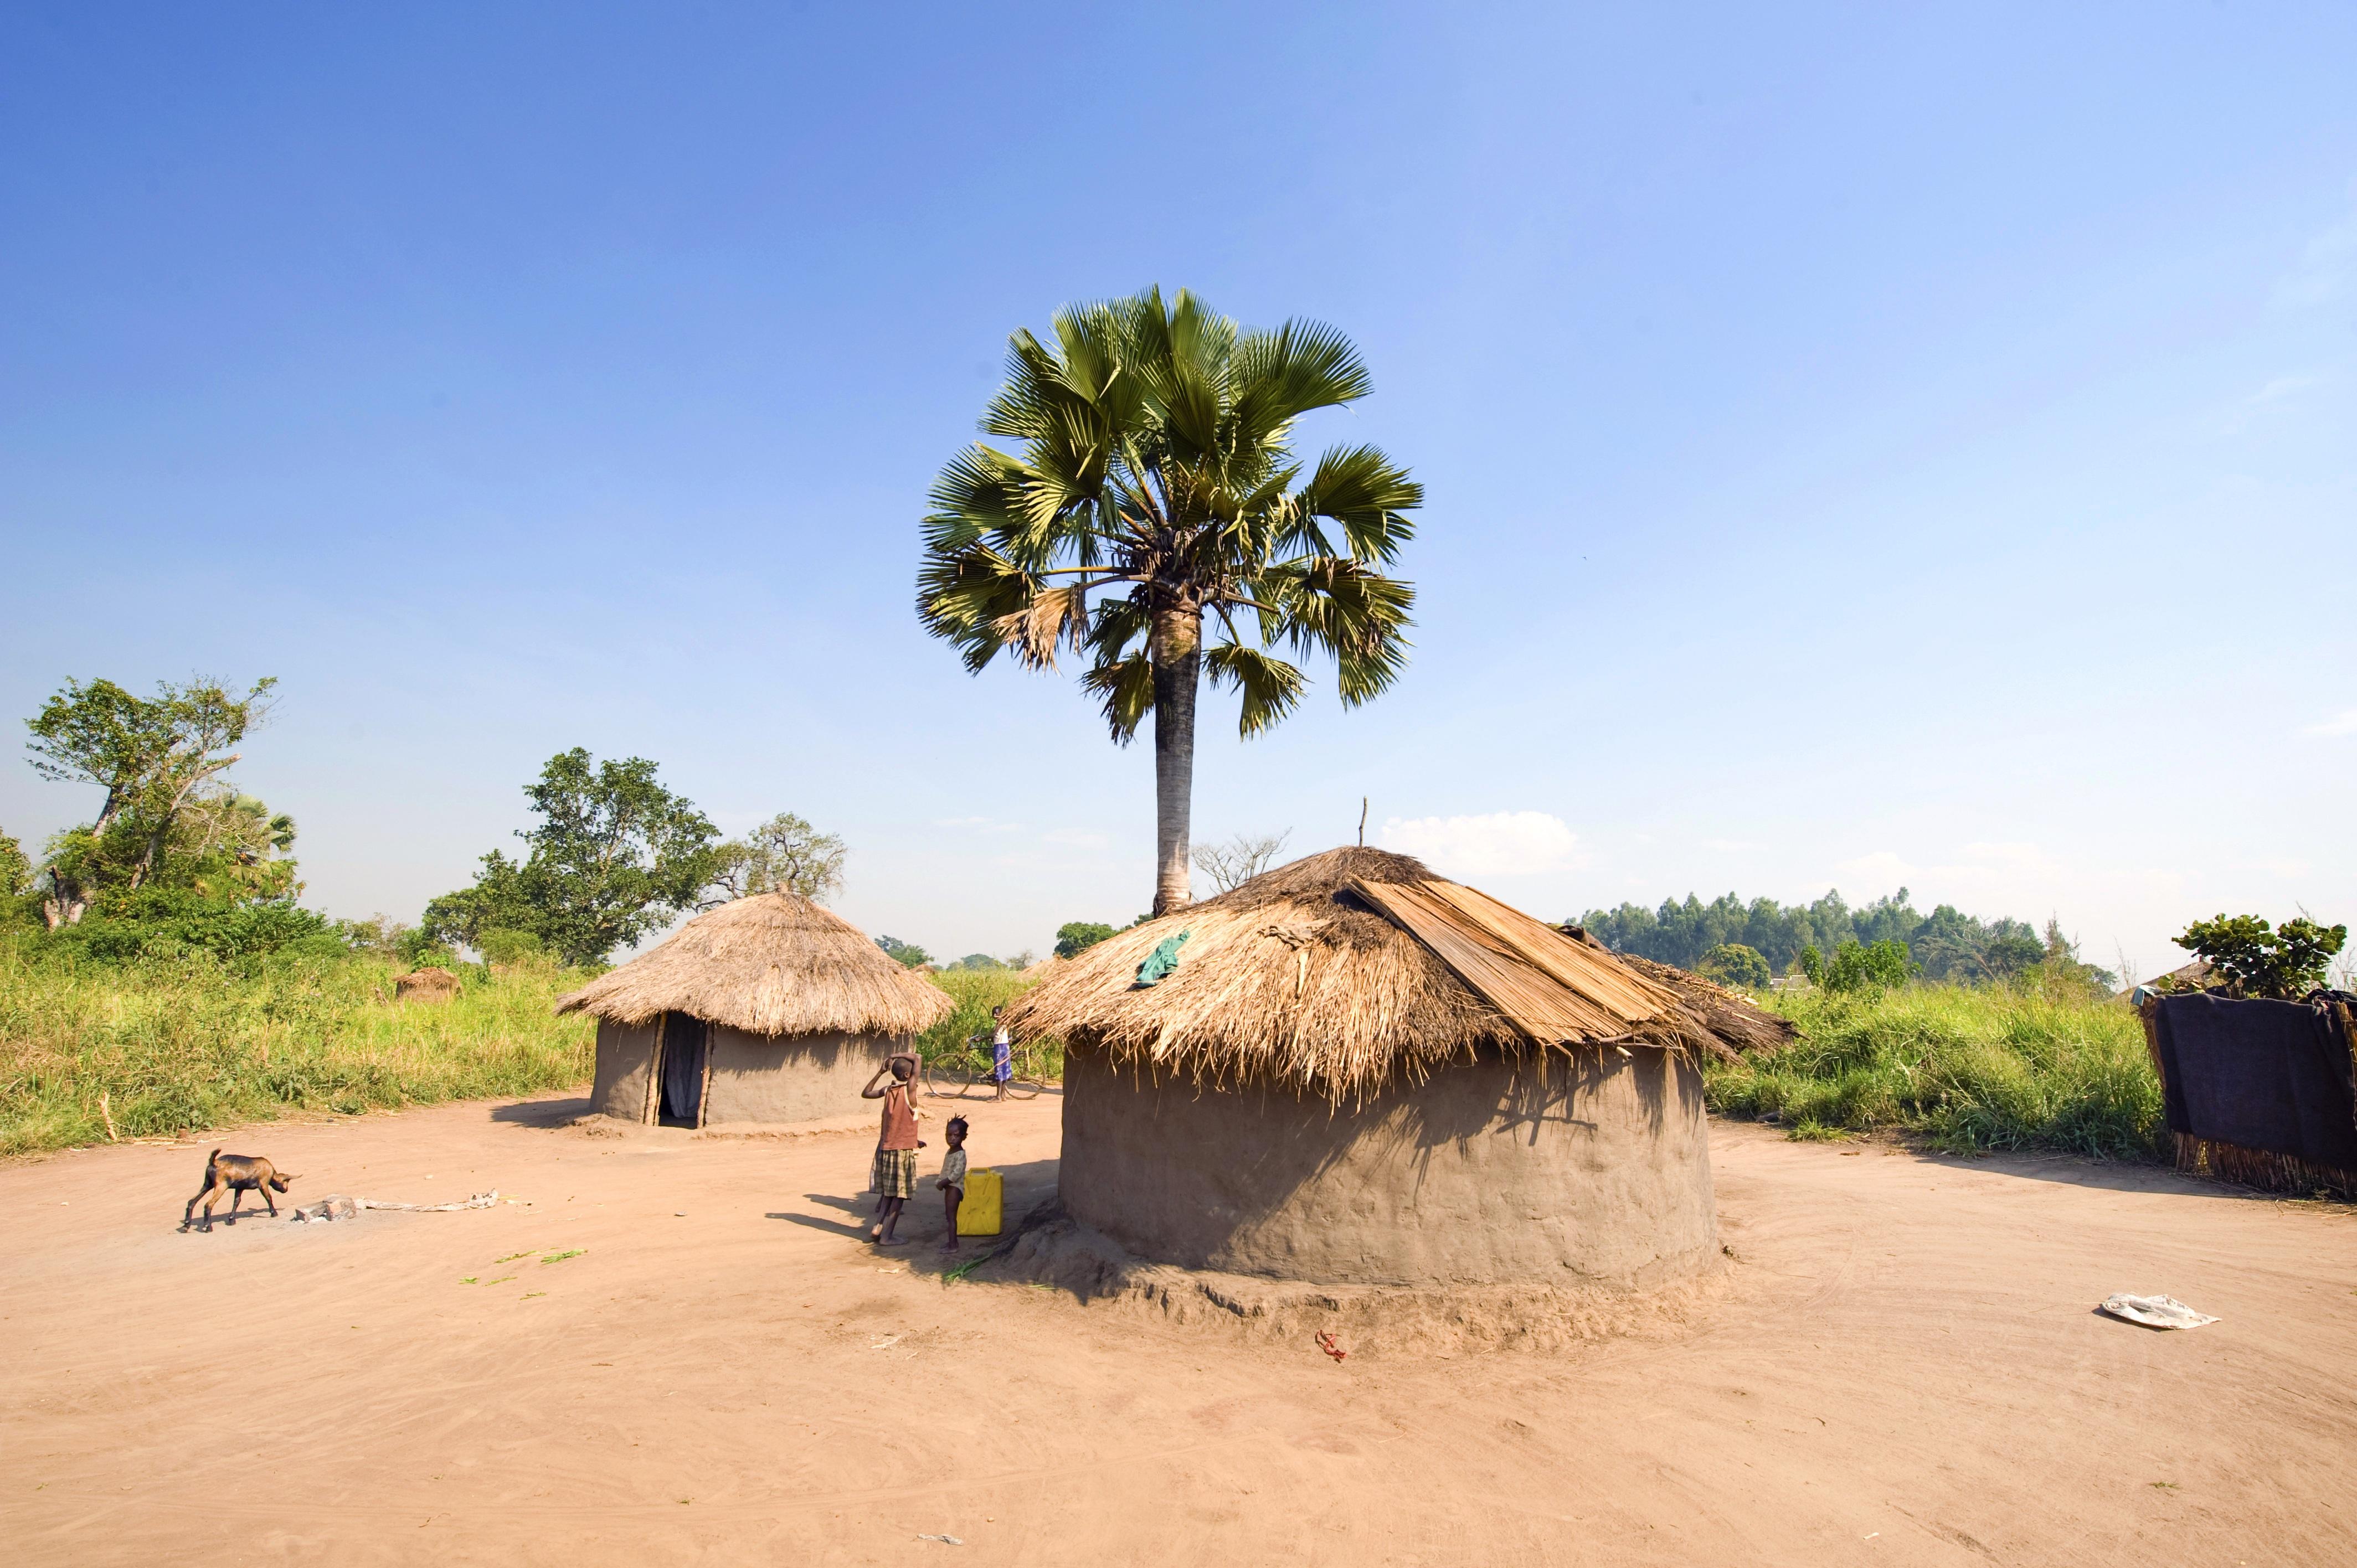 Plage paysage arbre maison bâtiment vacances cabane village rural boue afrique originaire de culture biens traditionnel